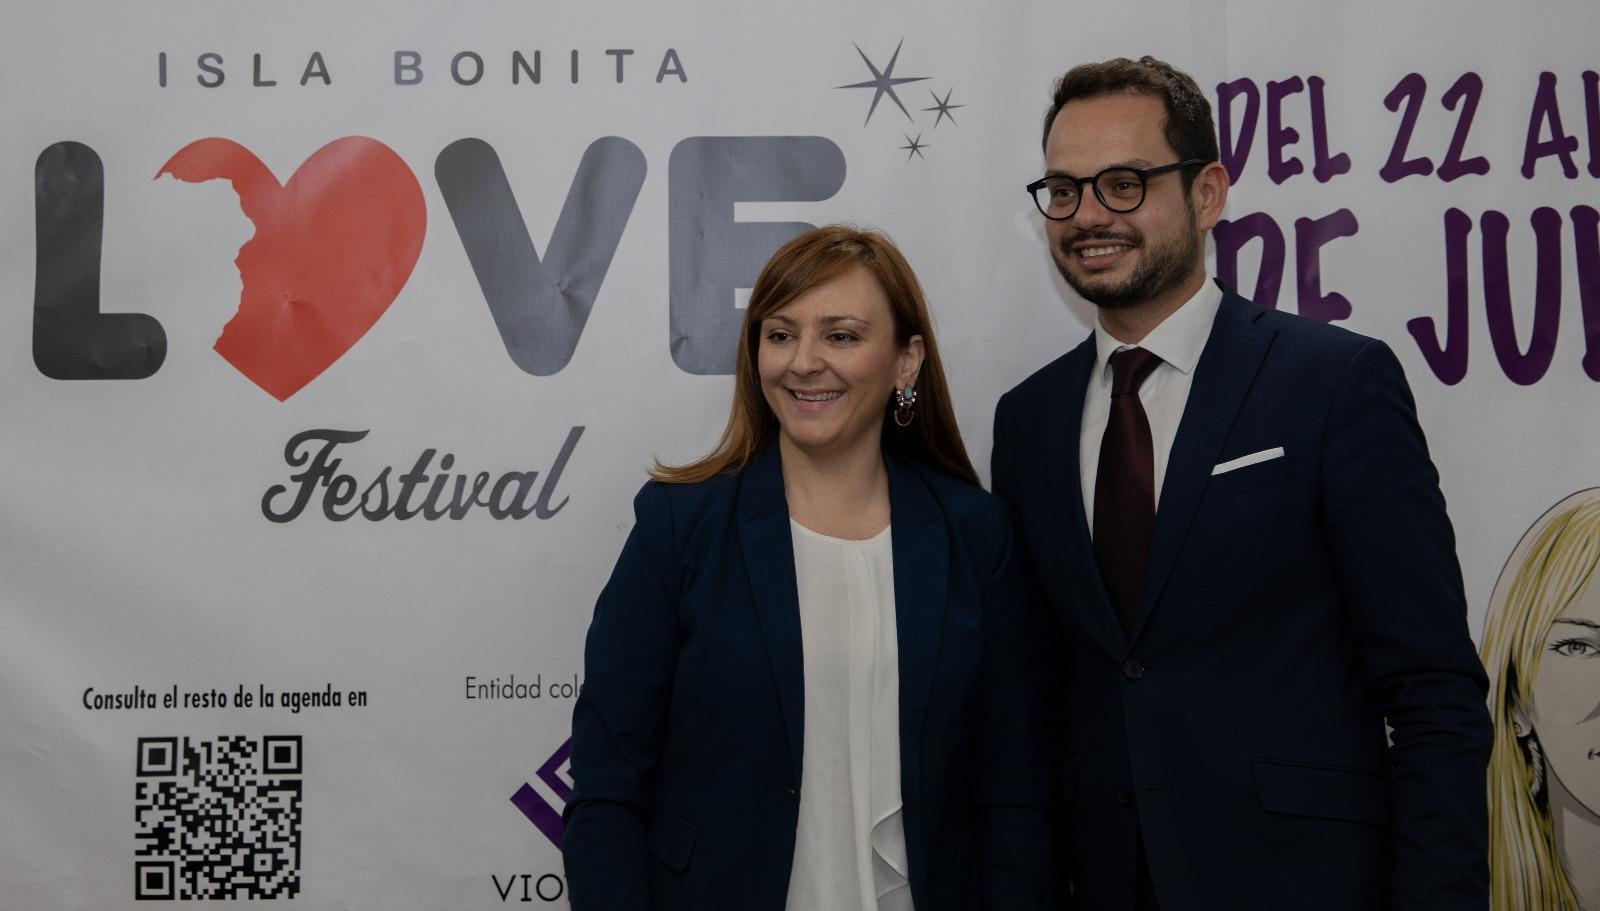 Presentación Isla Bonita Love Festival, Jordi Pérez Camacho y Nieves Lady Barreto.